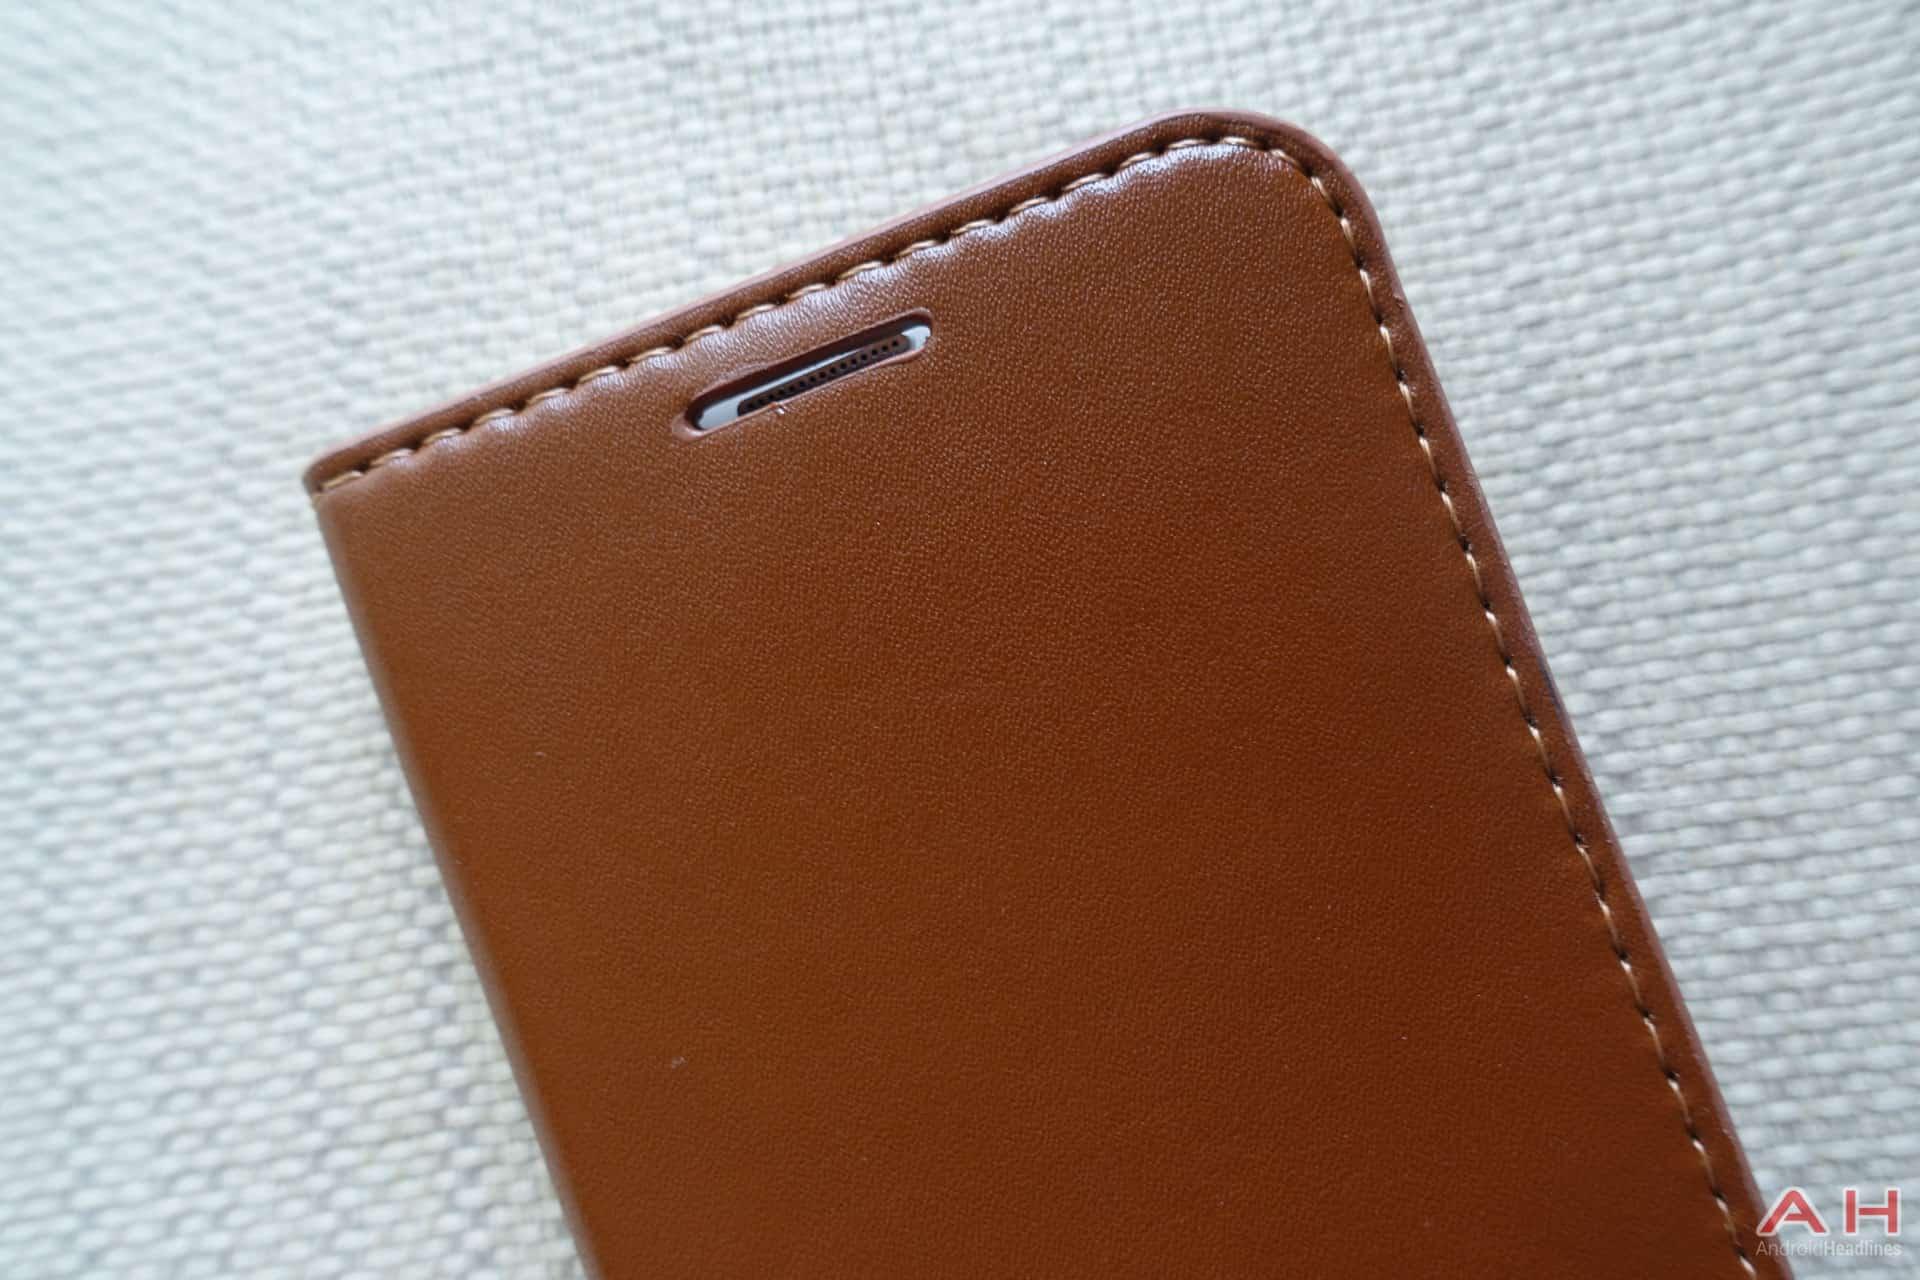 Verus Wallet Case Galaxy S6 Edge AH 3